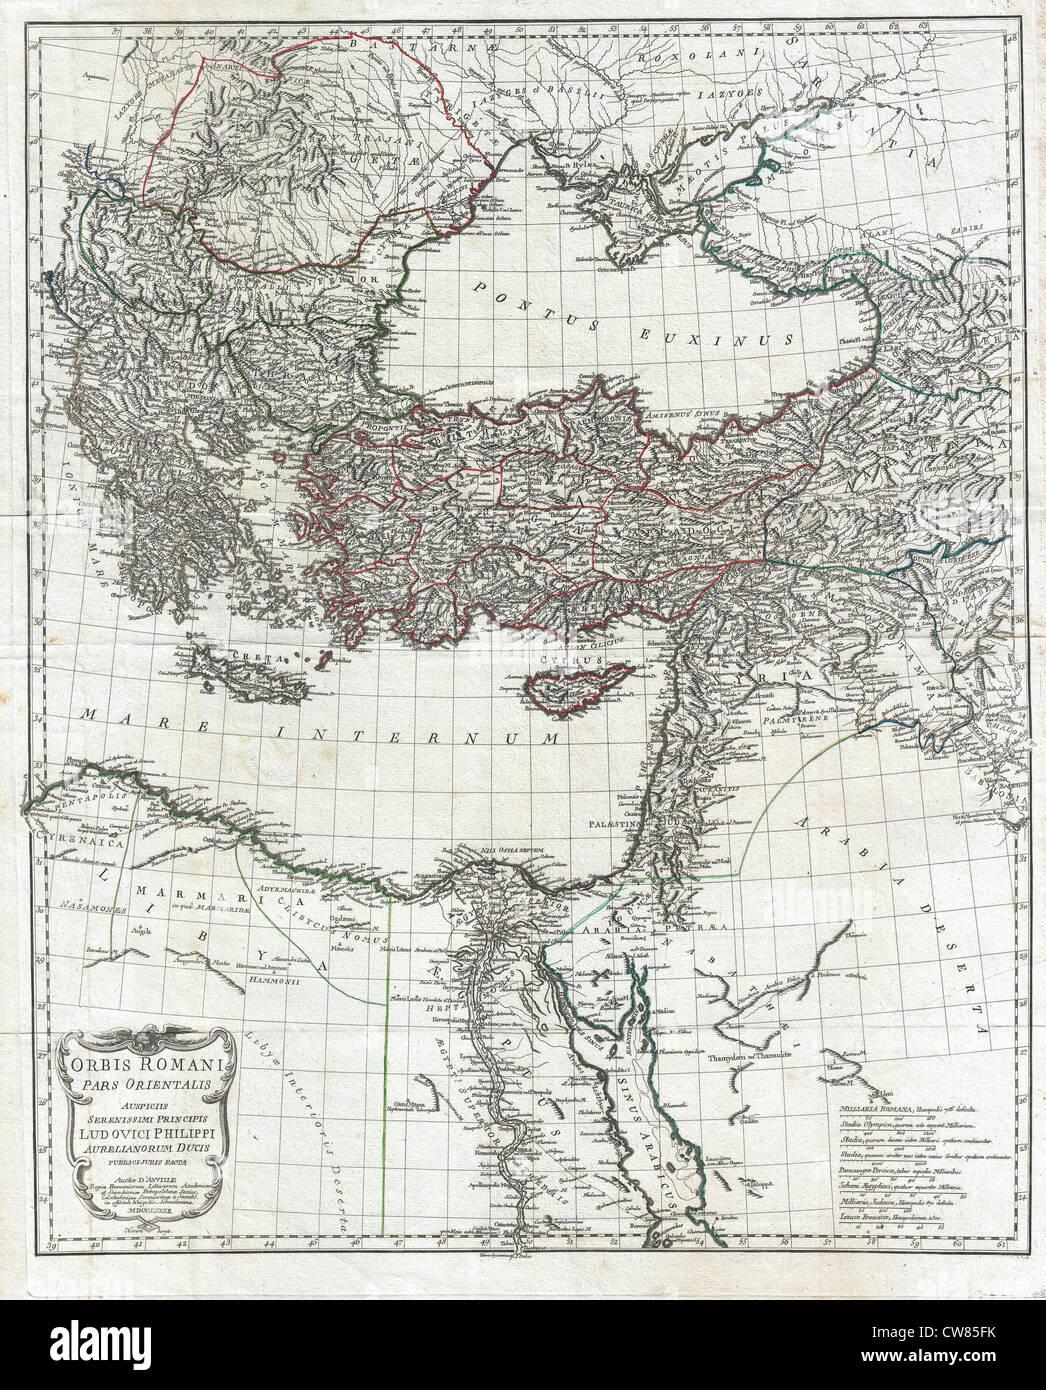 1782 La carte d'Anville de l'Empire romain Photo Stock